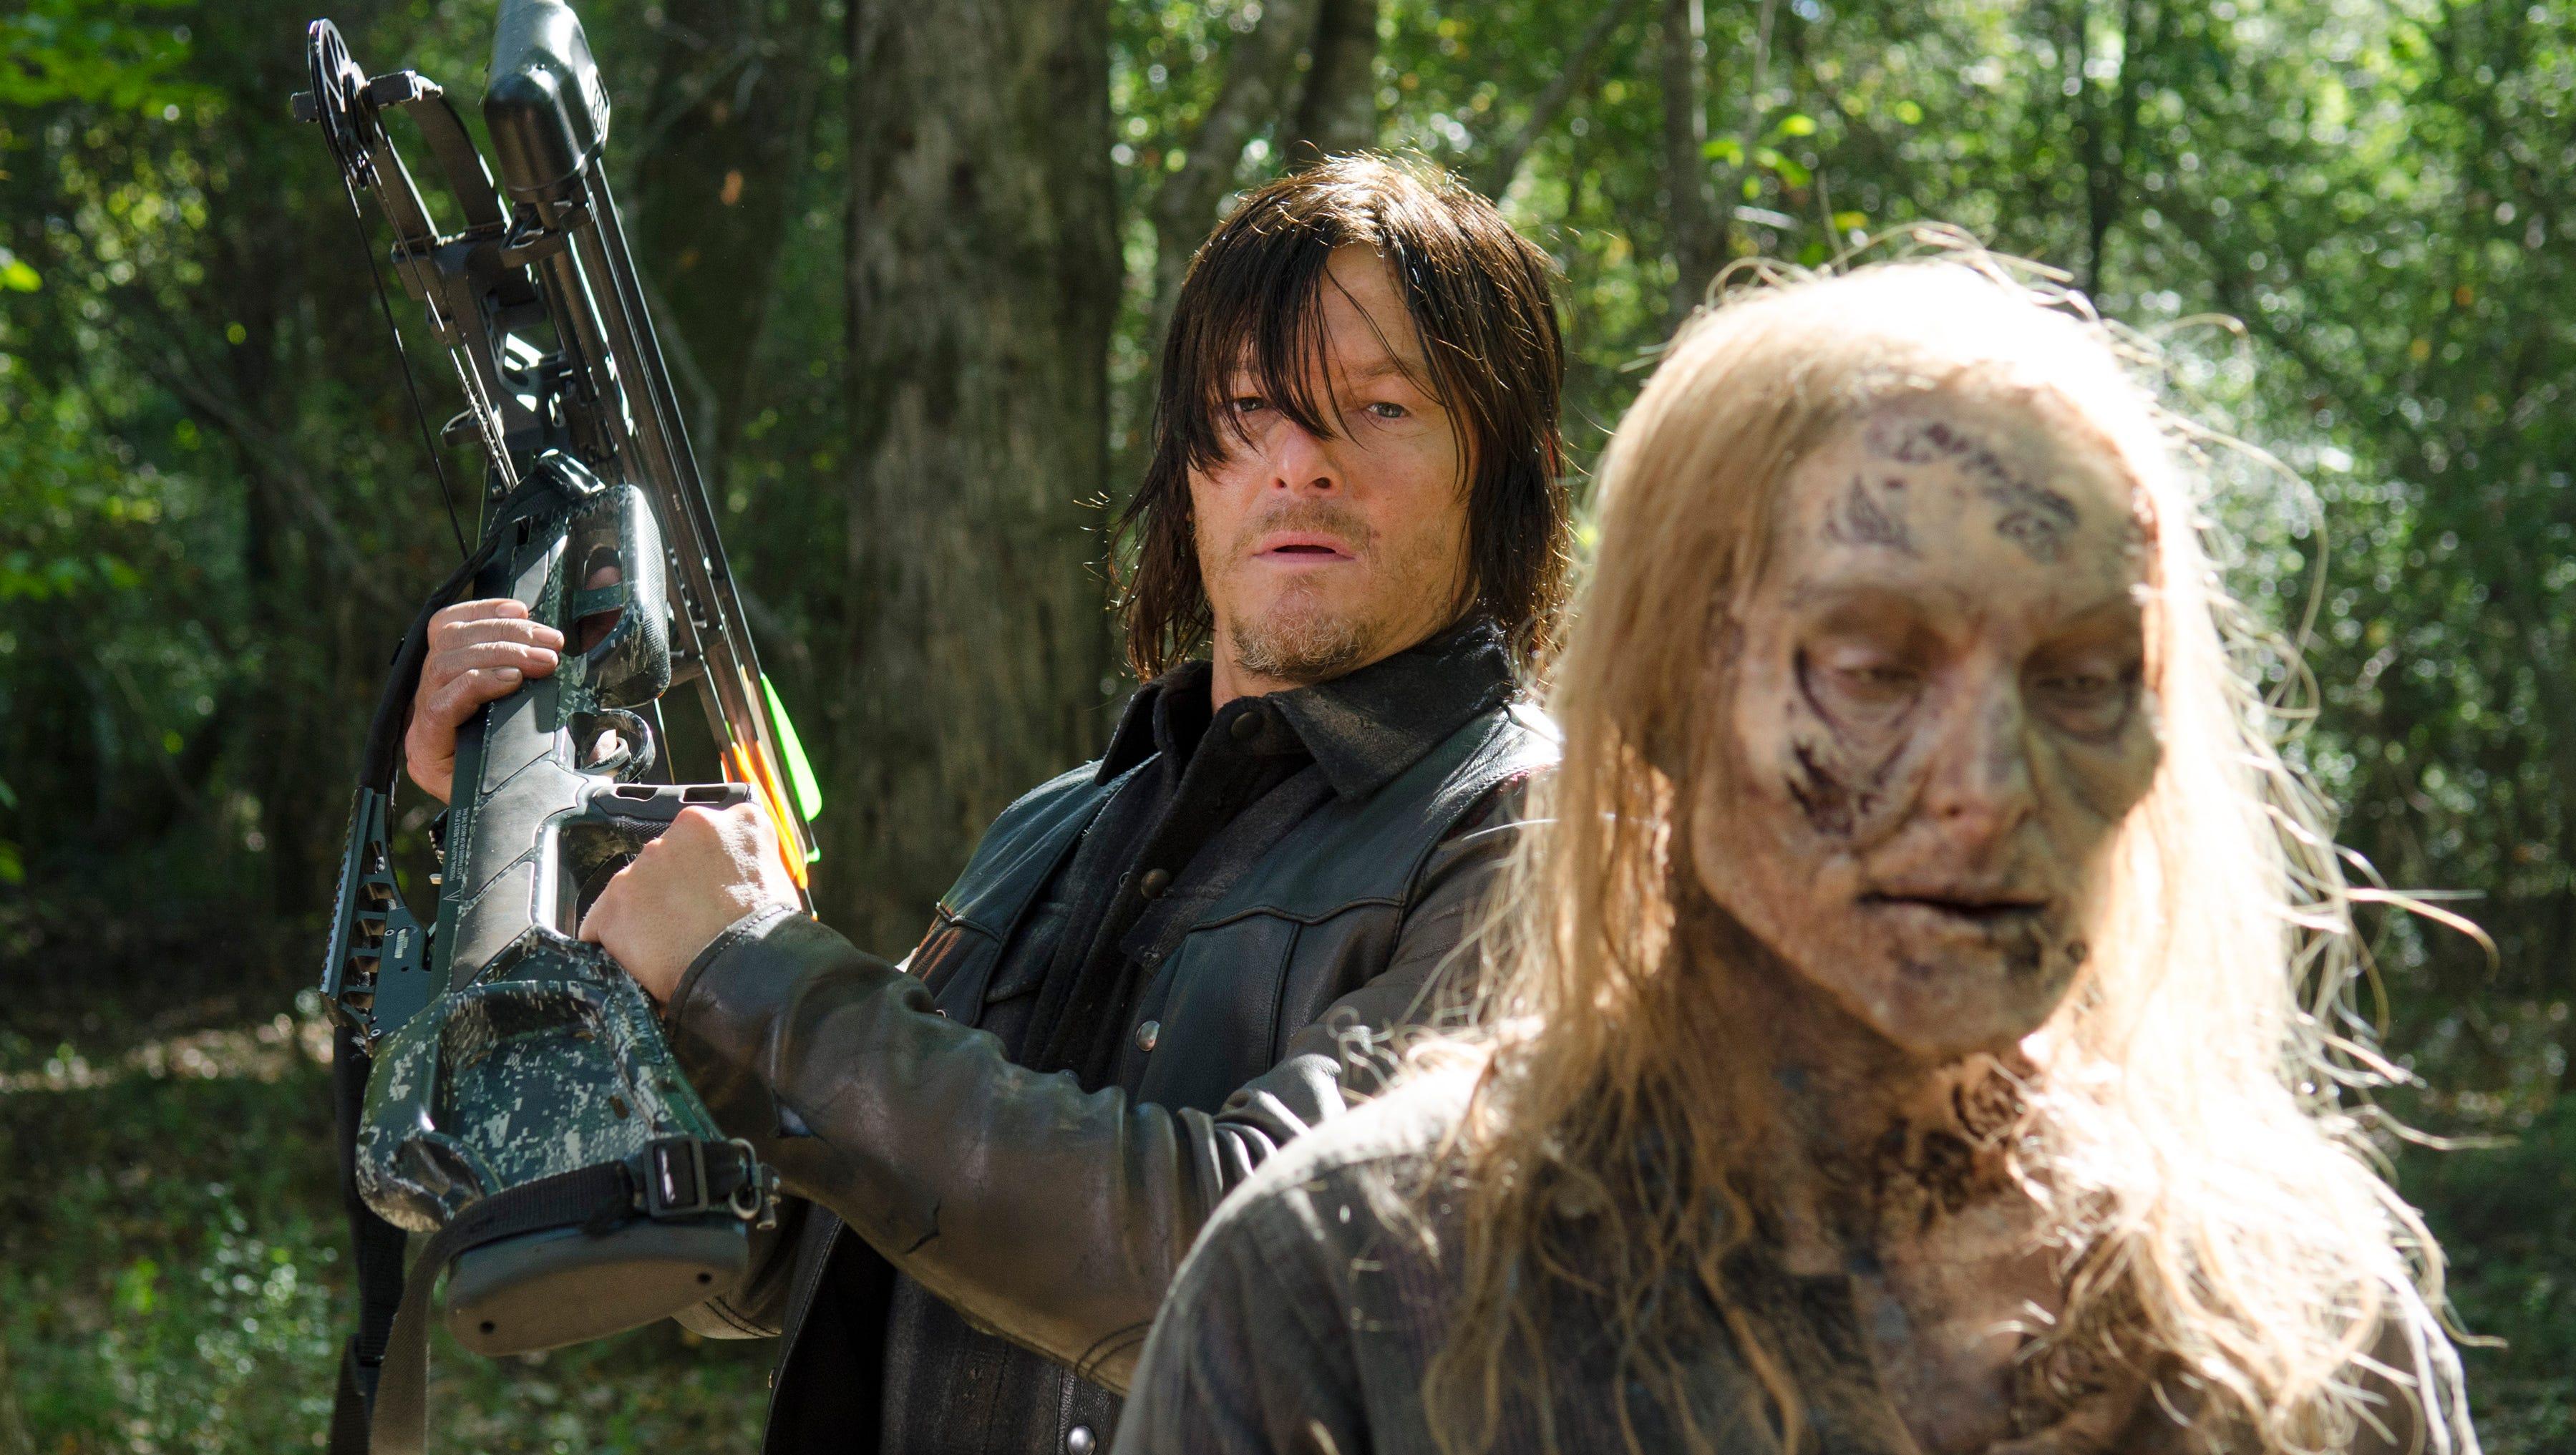 Walking Dead Stuntman Death Judge Rules Lawsuit Should